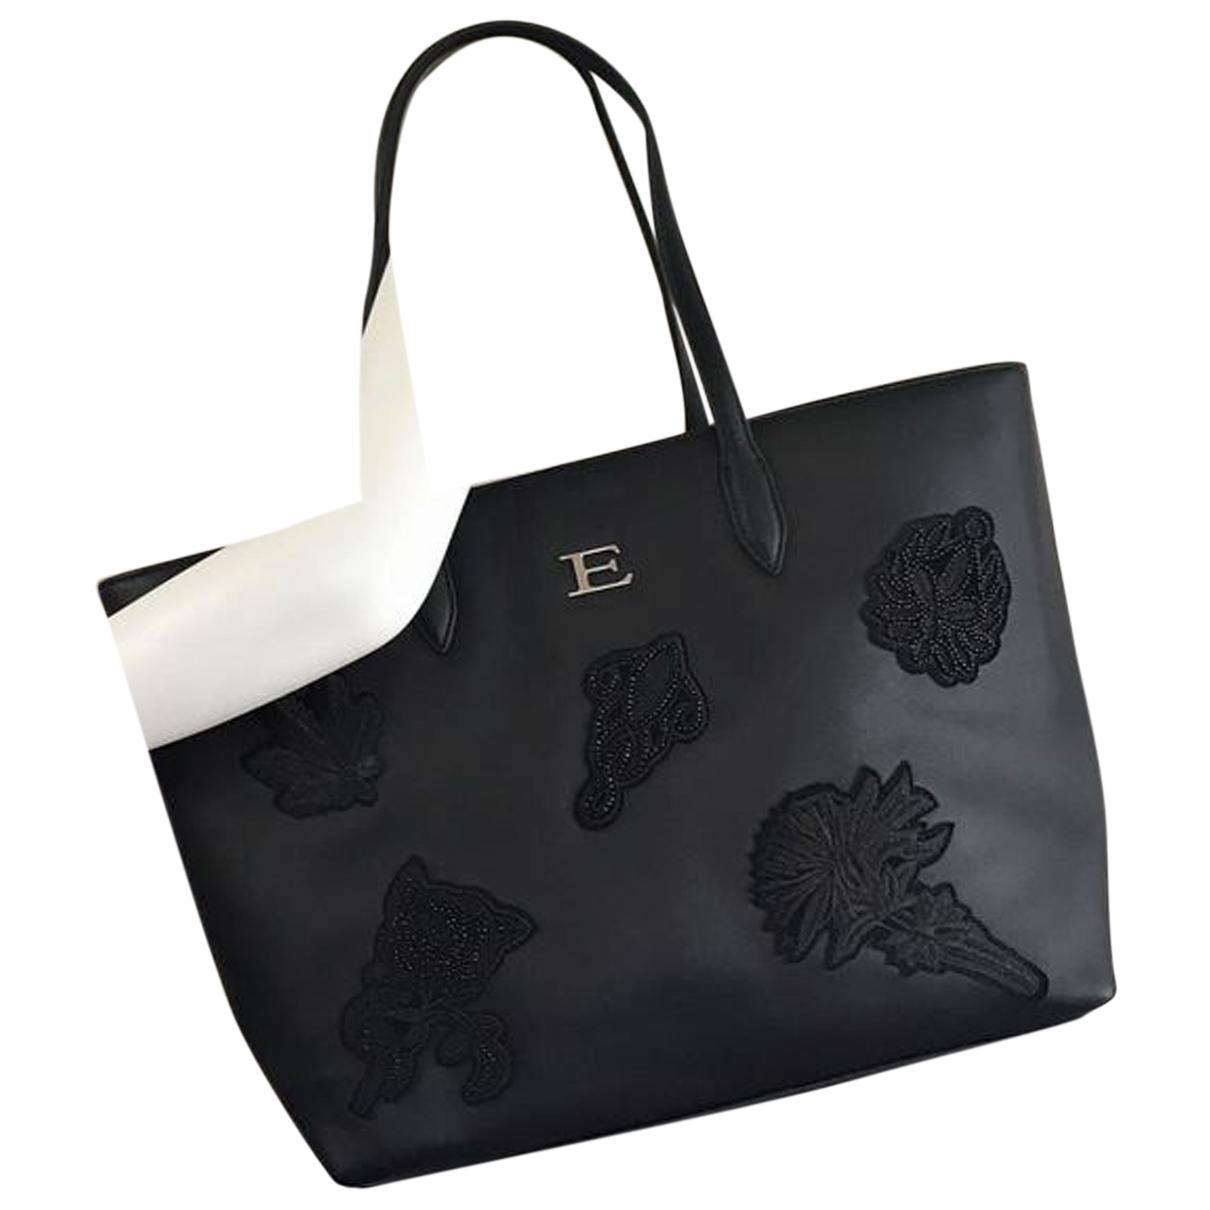 Ermanno Scervino N Black Leather handbag for Women N